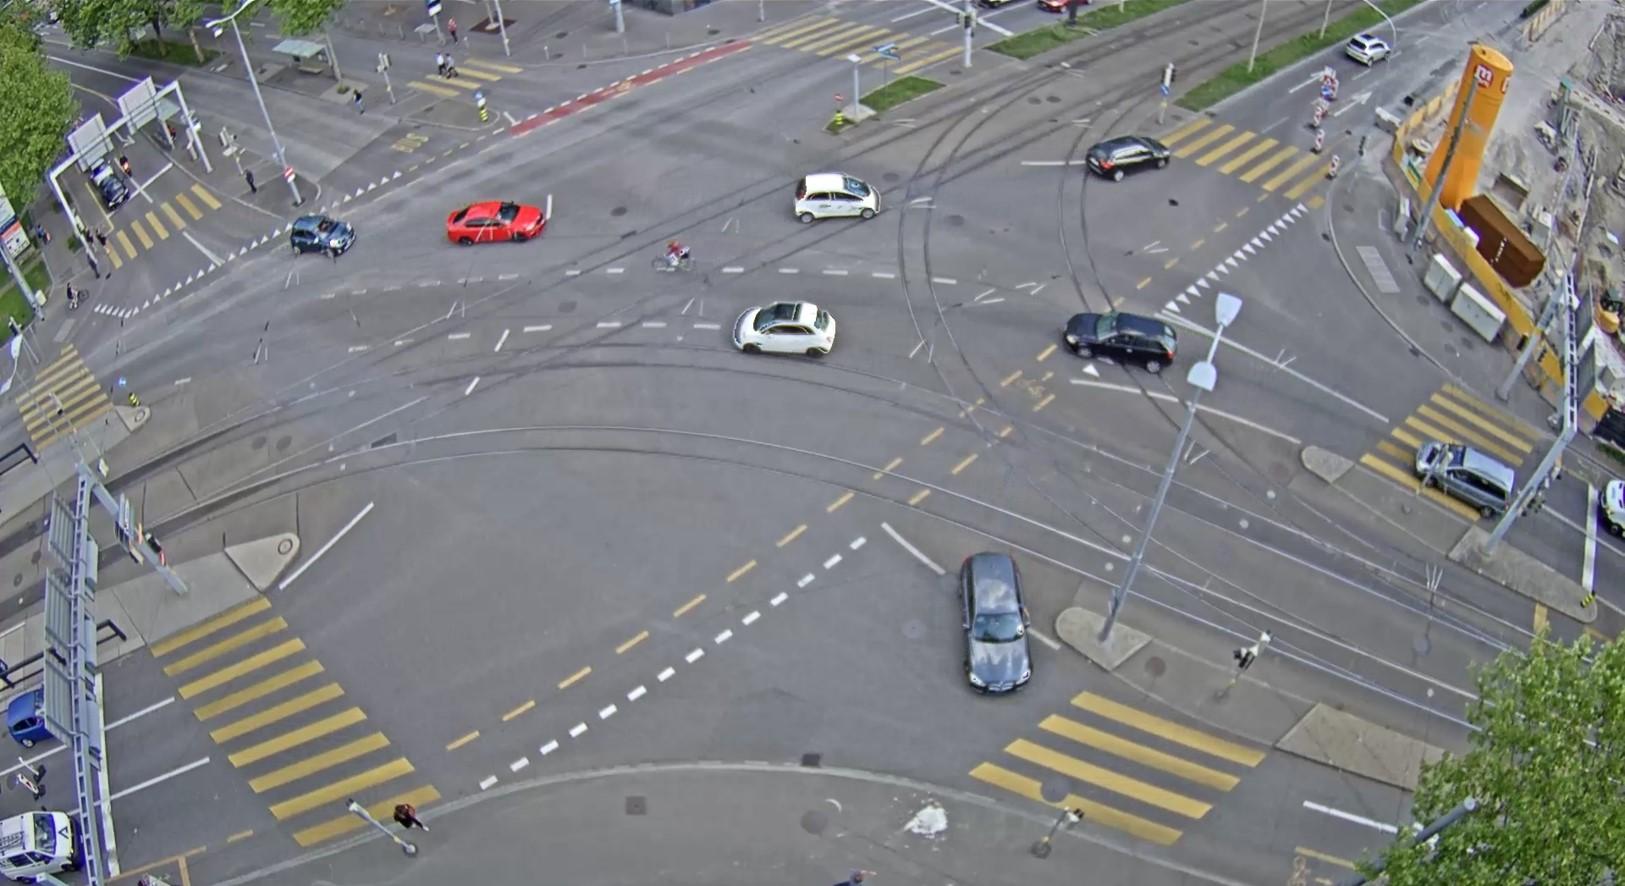 Knoten Thurgauerstrasse/Hagenholzstrasse